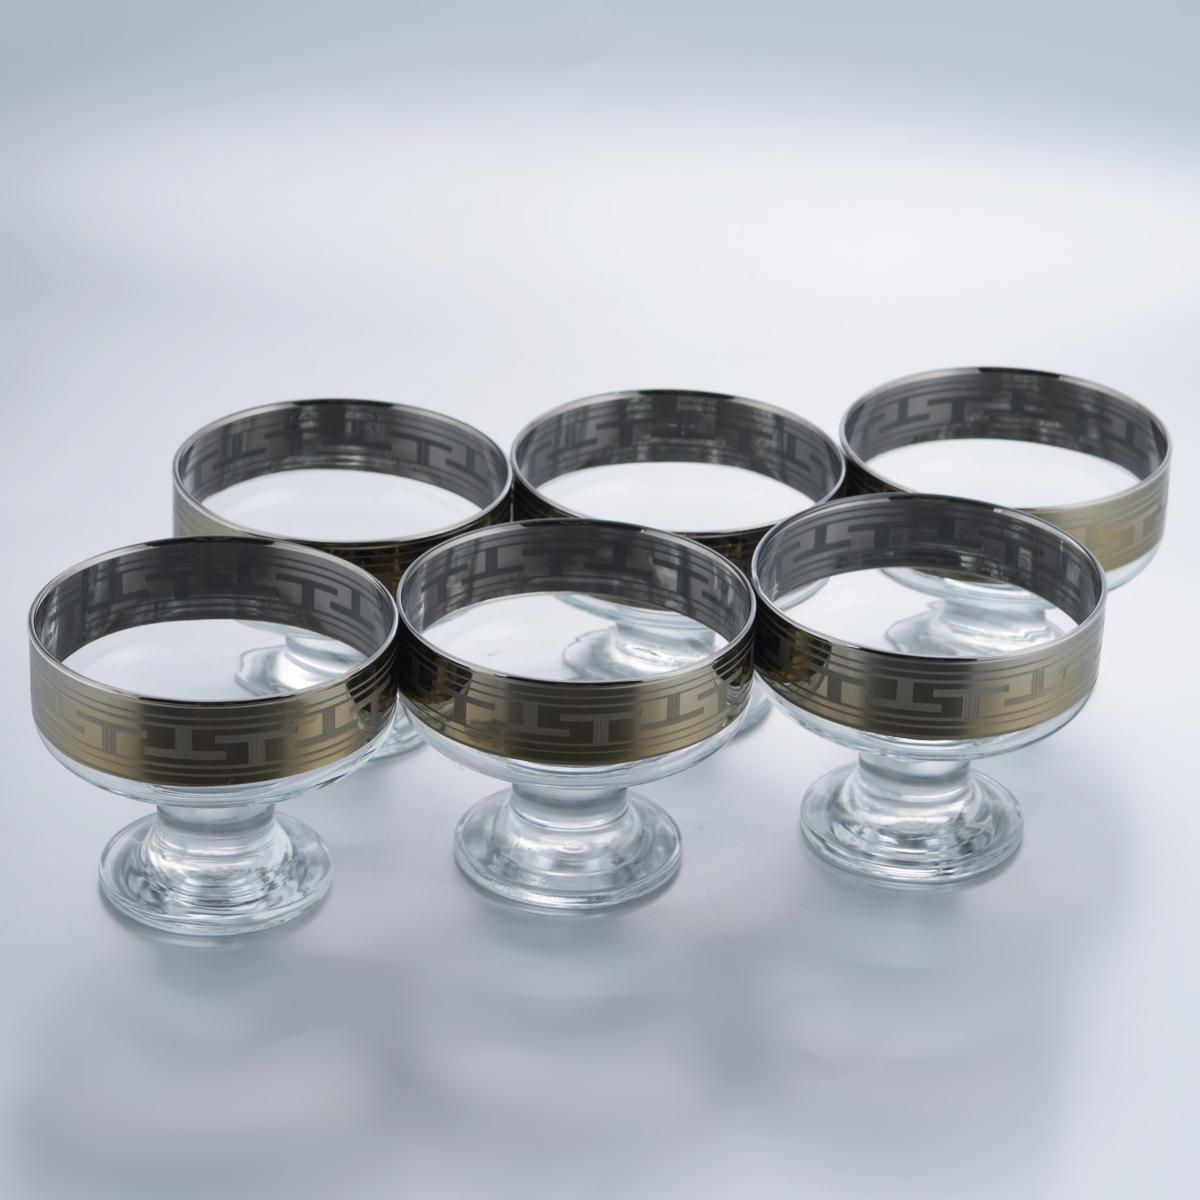 Набор креманок для мороженого Гусь-Хрустальный Греческий узор, 250 мл, 6 штGS2008/2АНабор Гусь-Хрустальный Греческий узор состоит из 6 креманок, изготовленных из высококачественного натрий-кальций-силикатного стекла. Изделия оформлены красивым зеркальным покрытием и широкой окантовкой с греческим узором. Креманки прекрасно подойдут для подачи десертов и мороженого. Такой набор прекрасно дополнит праздничный стол и станет желанным подарком в любом доме.Разрешается мыть в посудомоечной машине.Диаметр креманки (по верхнему краю): 9,8 см.Высота креманки: 8 см.Диаметр основания креманки: 6,4 см.